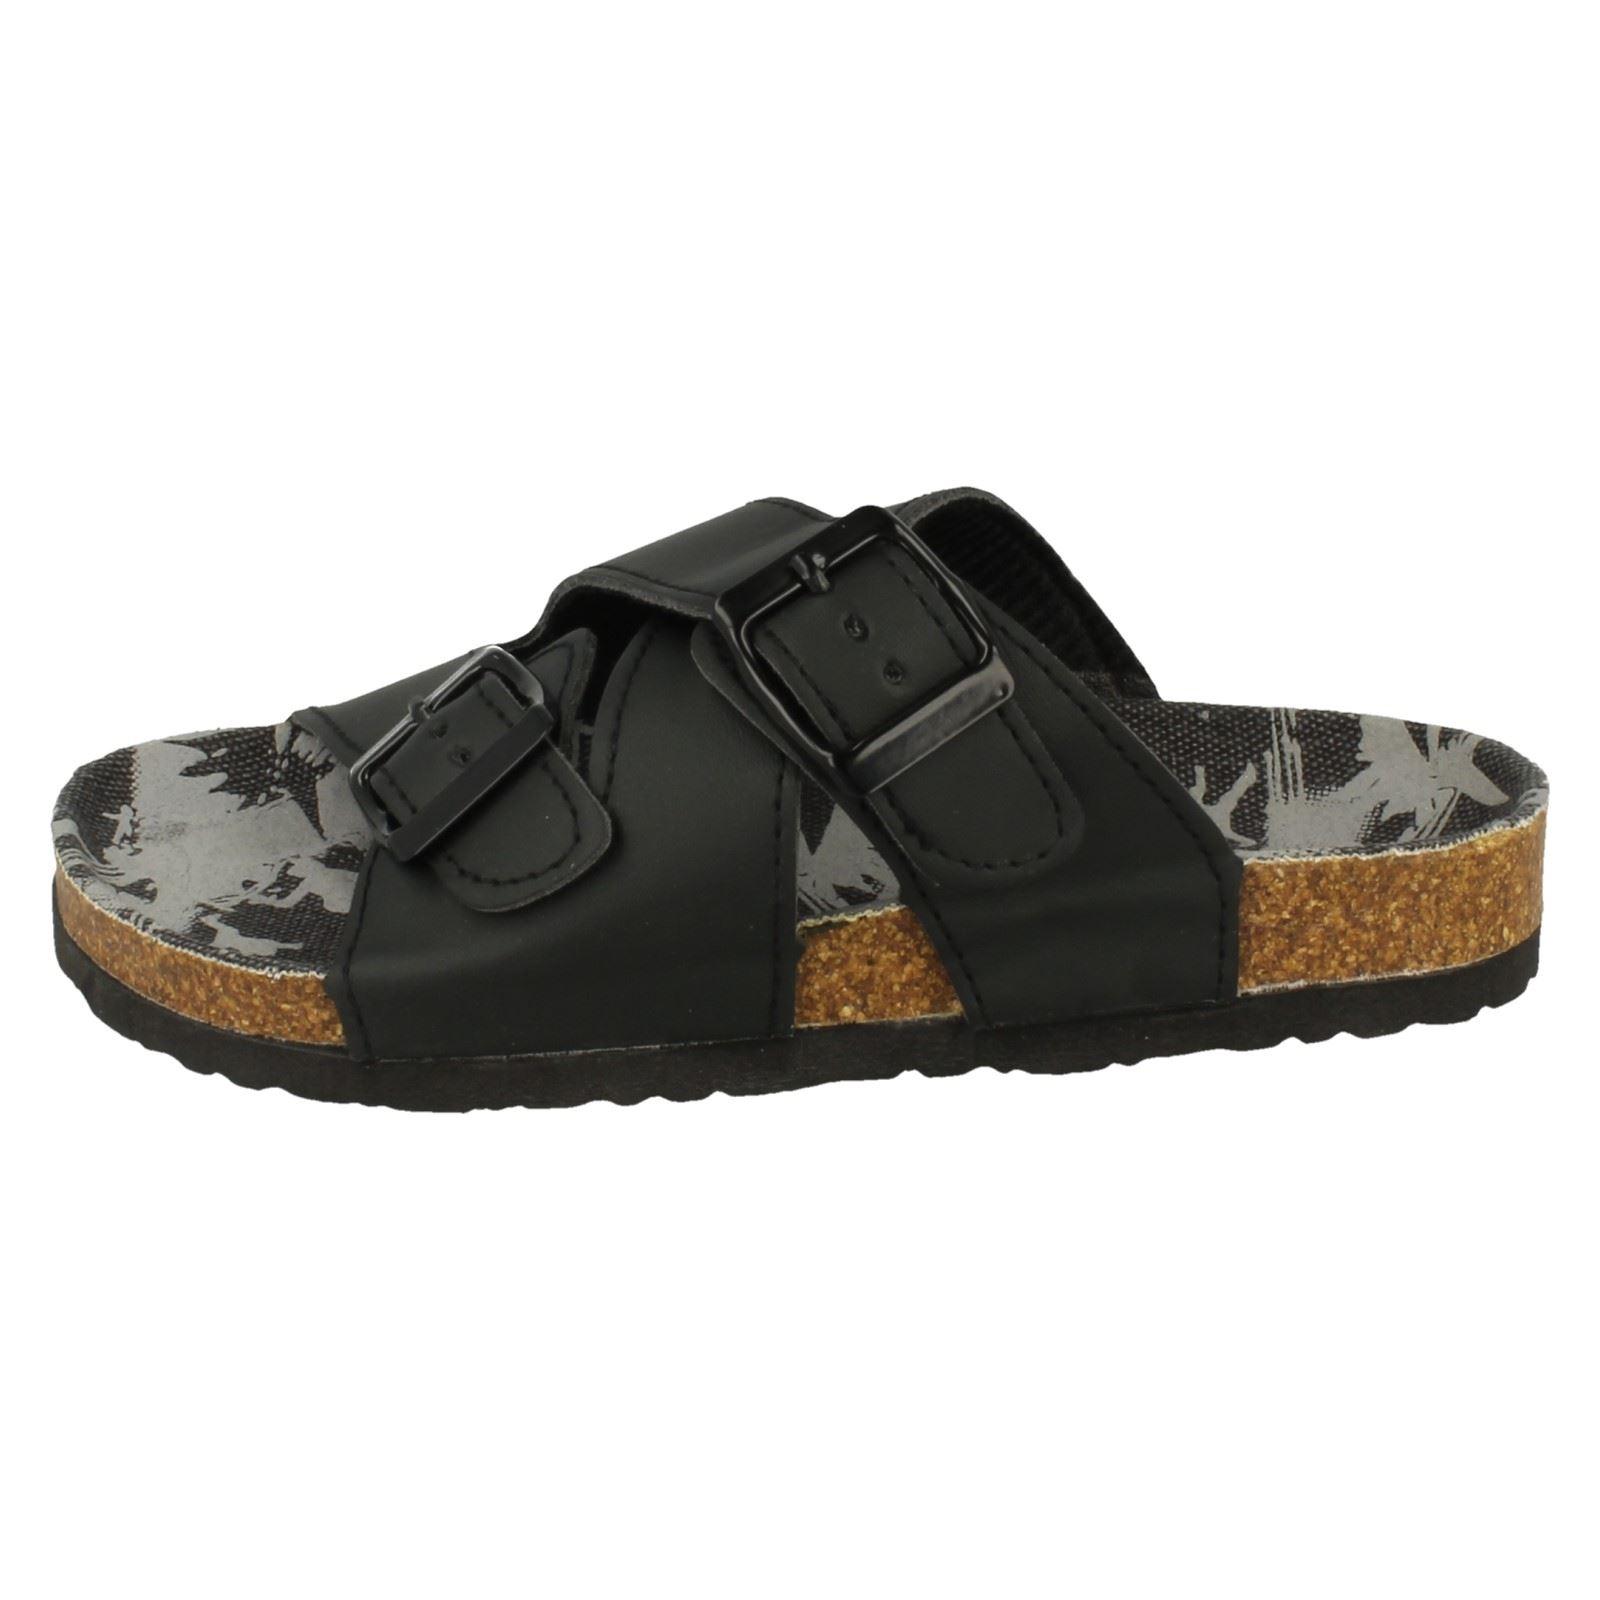 Jungen JCDees Mitte Fußbett x-riemen Sandalen